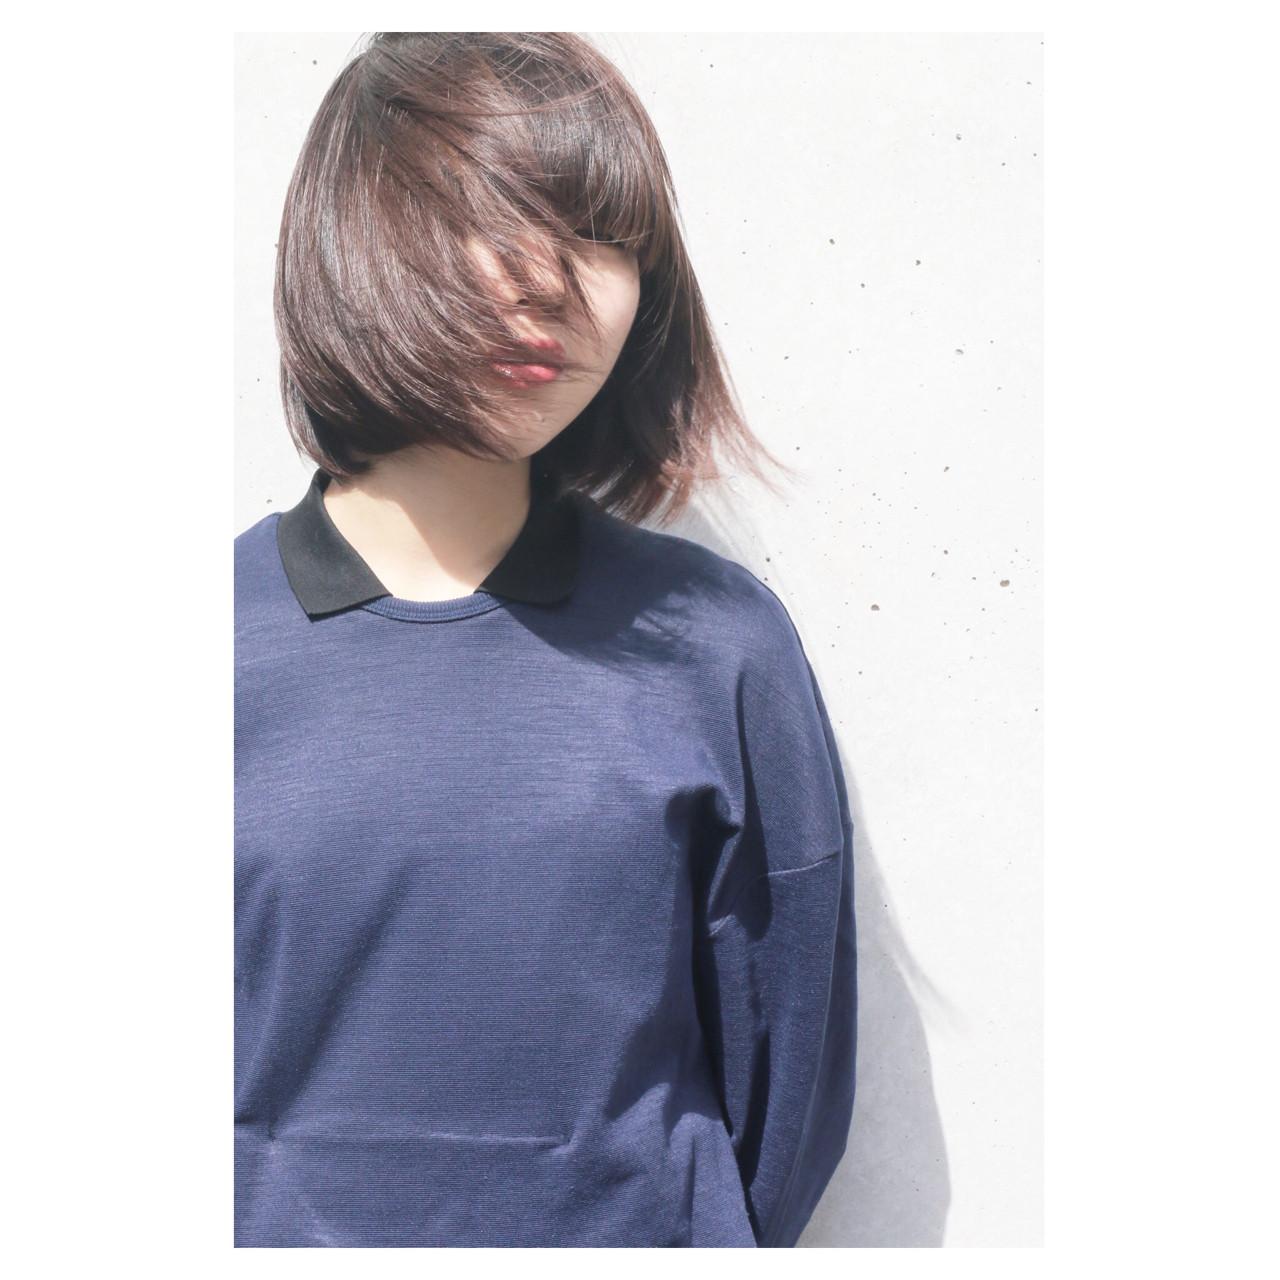 大人女子 かっこいい ショート 切りっぱなし ヘアスタイルや髪型の写真・画像 | ショート職人 伊藤修久 【#tag】 / 株)92  #tag